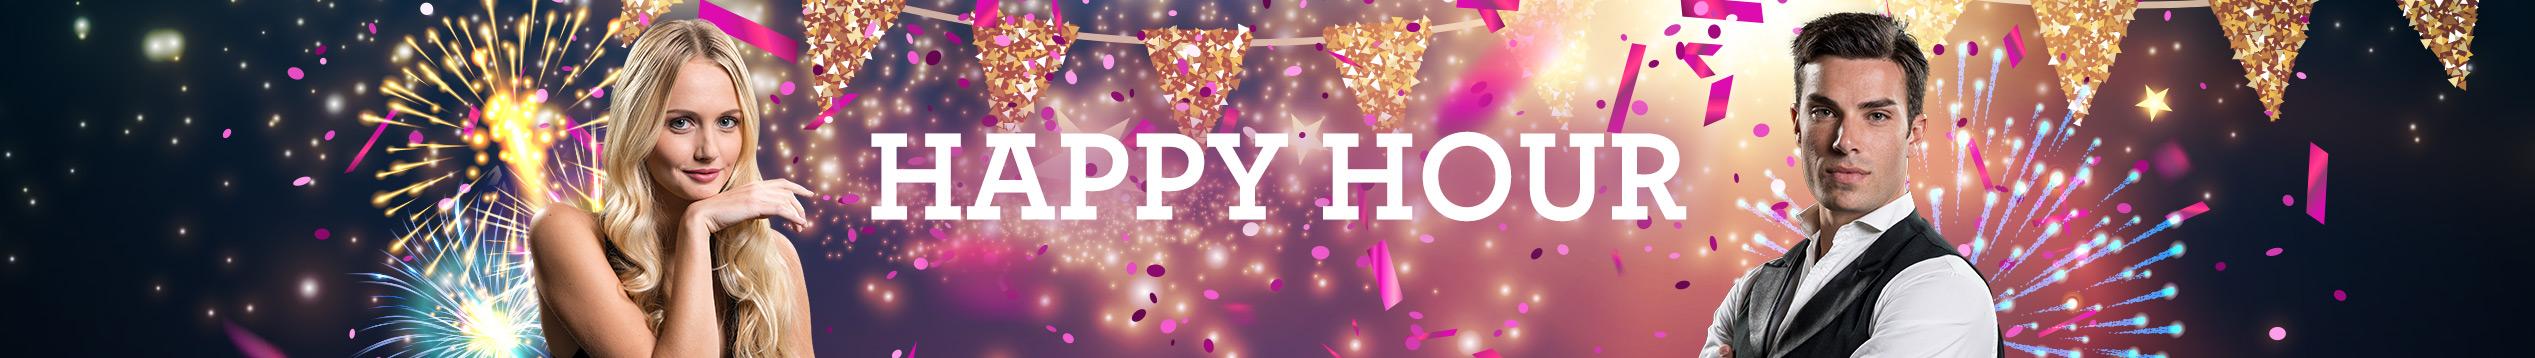 Testen Sie den neuen Happy Hour